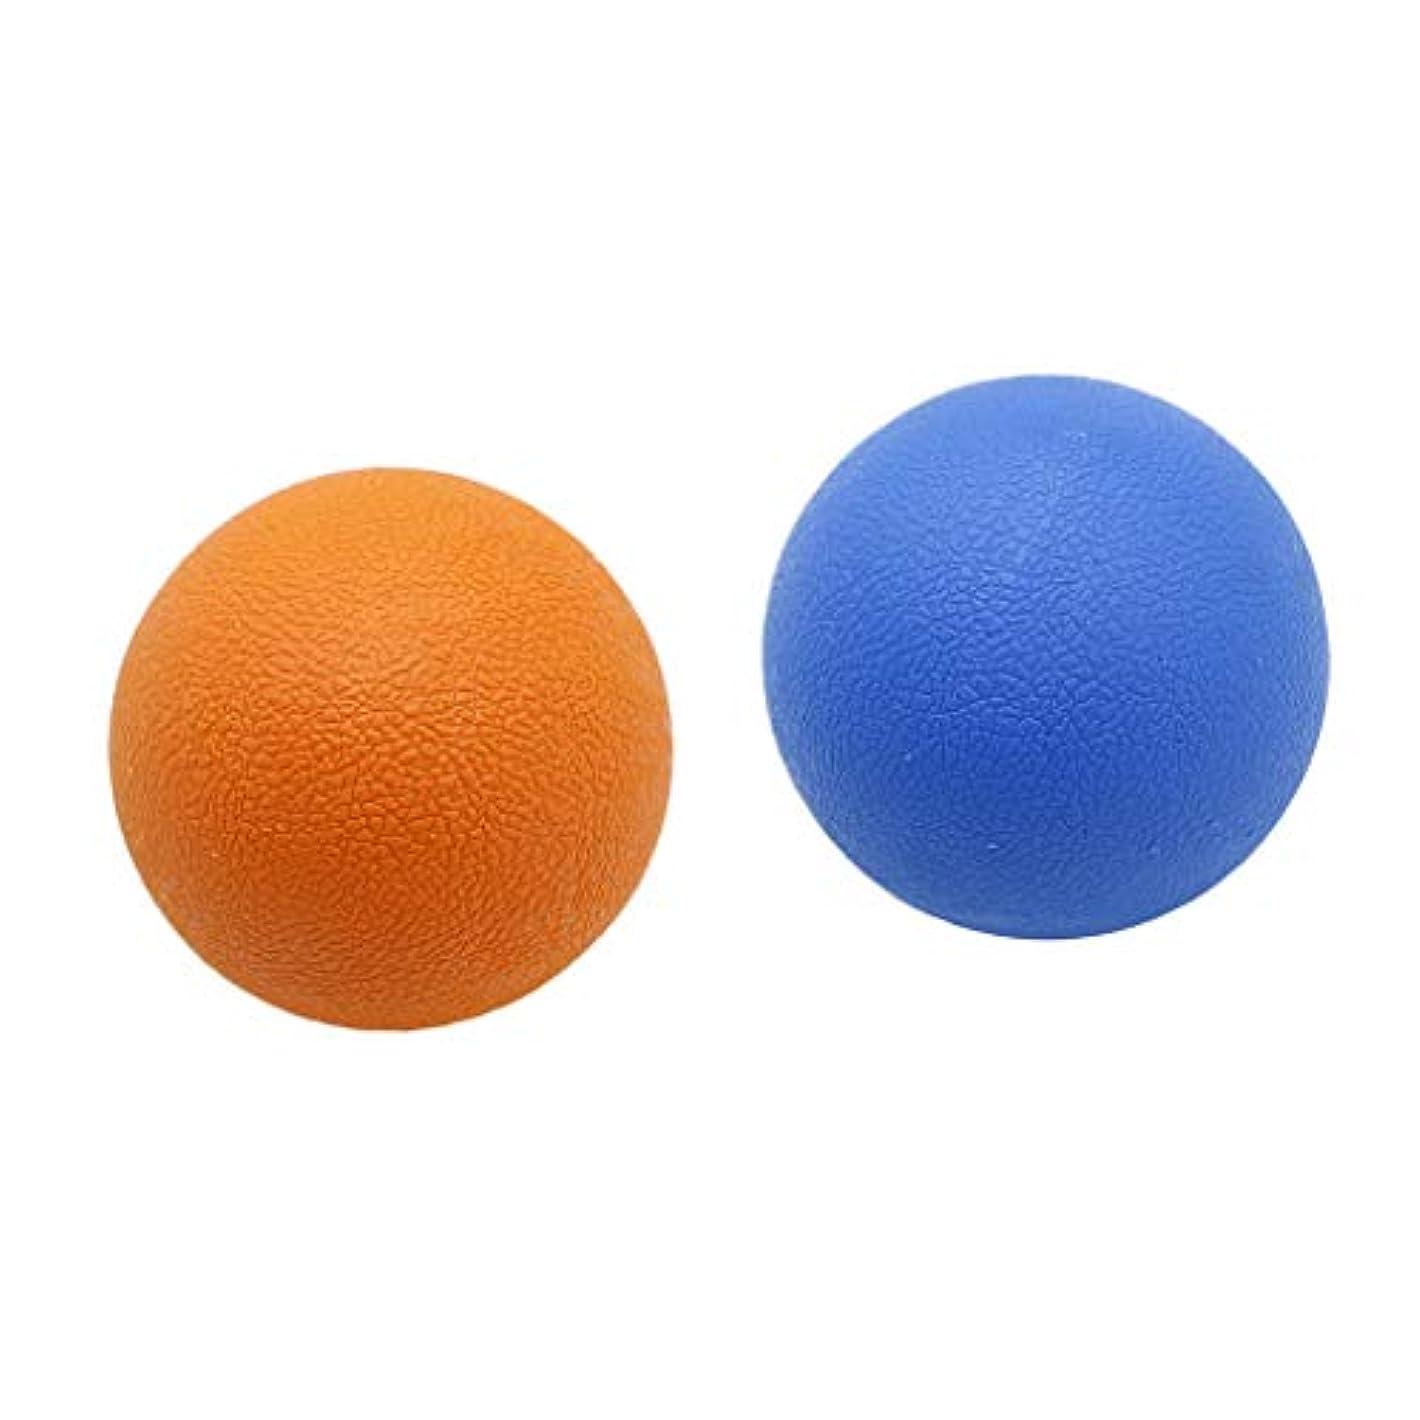 日の出妻リークマッサージボール トリガーポイント ストレッチボール トレーニング 背中 肩 腰 マッサージ 多色選べる - オレンジブルー